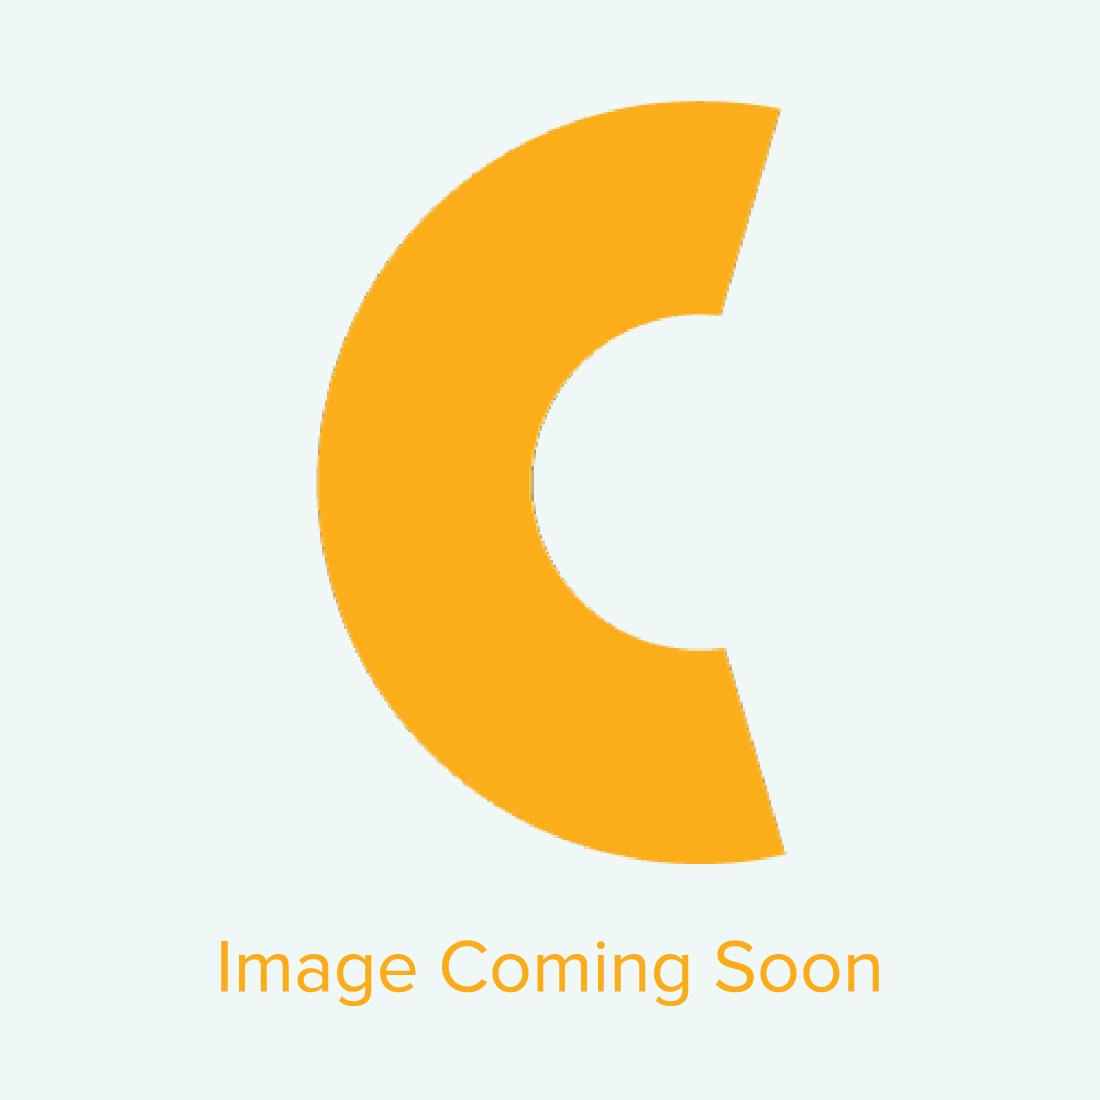 """Hix Standard Digital Clamshell Heat Press Machine - 16"""" x 20"""" - DEMO MODEL"""